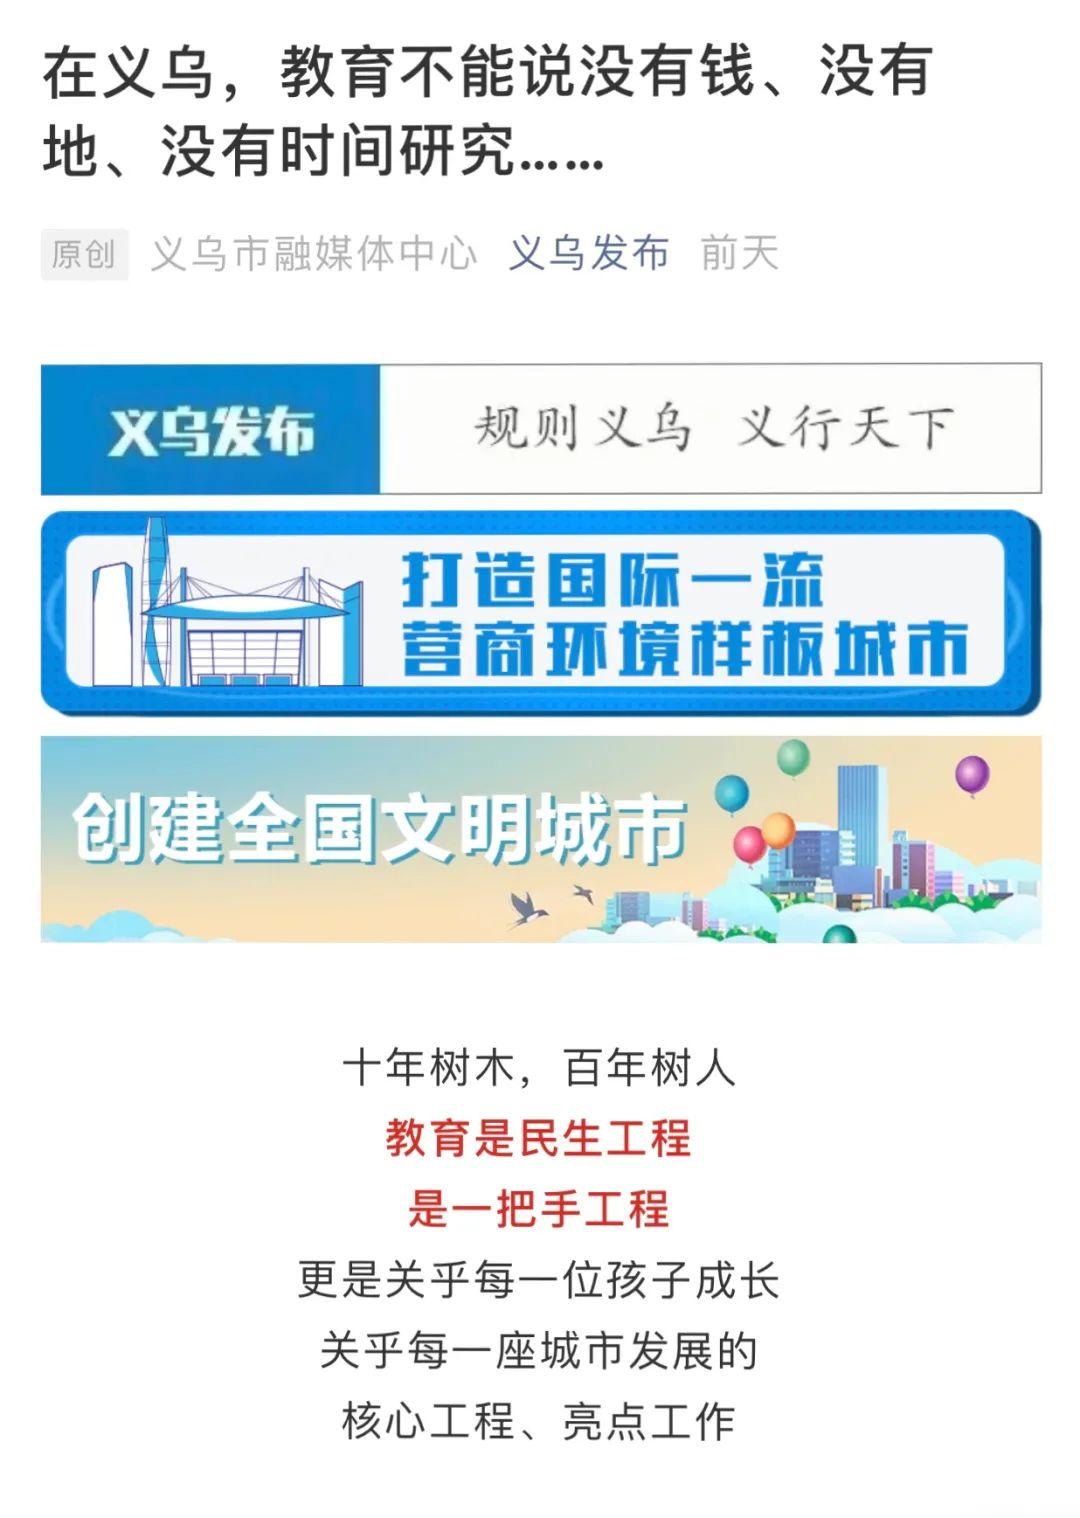 """【青海企划行业交流平台】_媒体:教师收入不低于公务员,希望不仅是金华而是""""中华"""""""